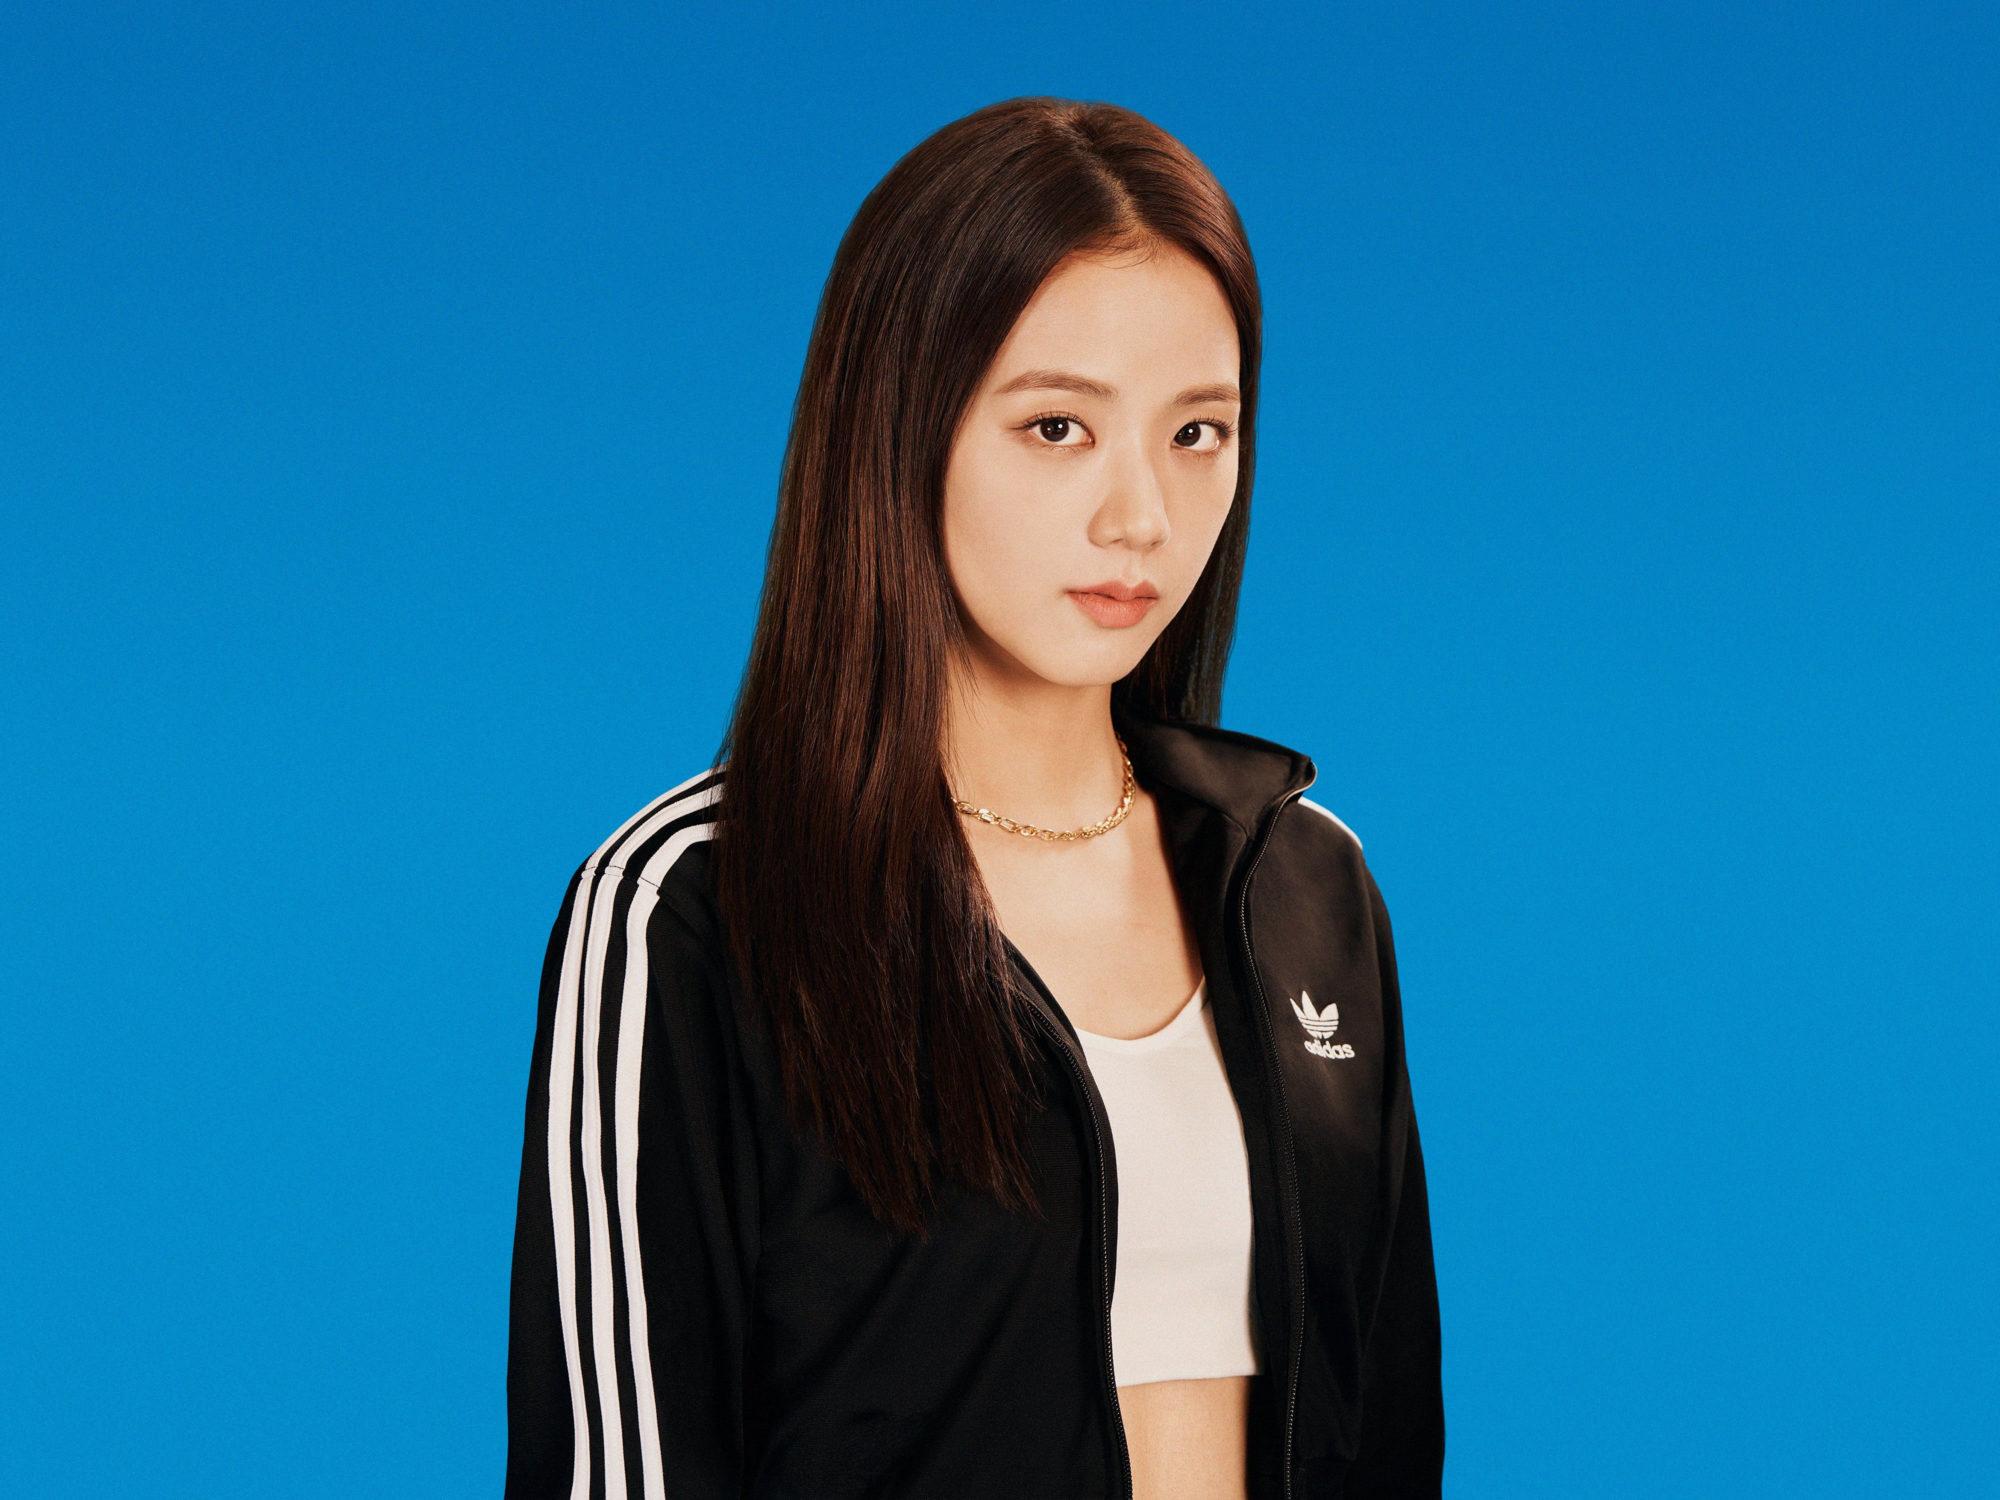 Blackpink Adidas Jisoo